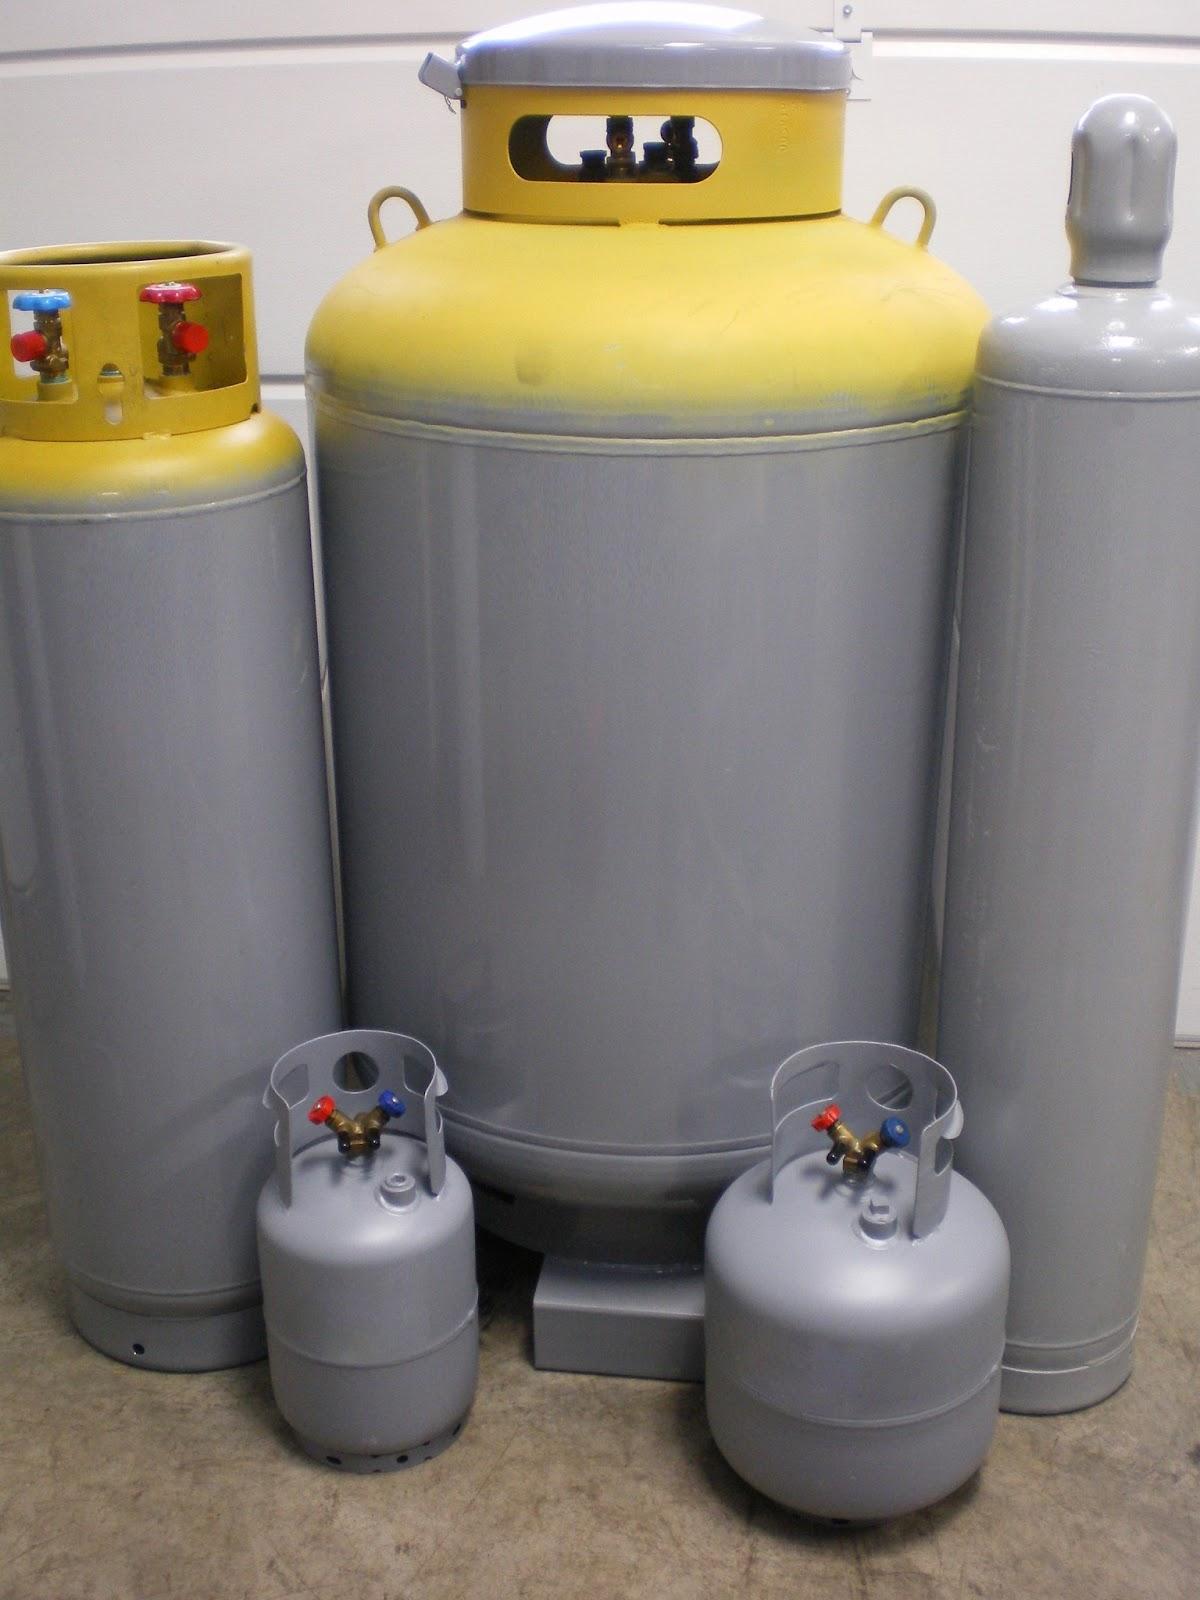 Propane Tanks: Proper Storage Of Propane Tanks Osha